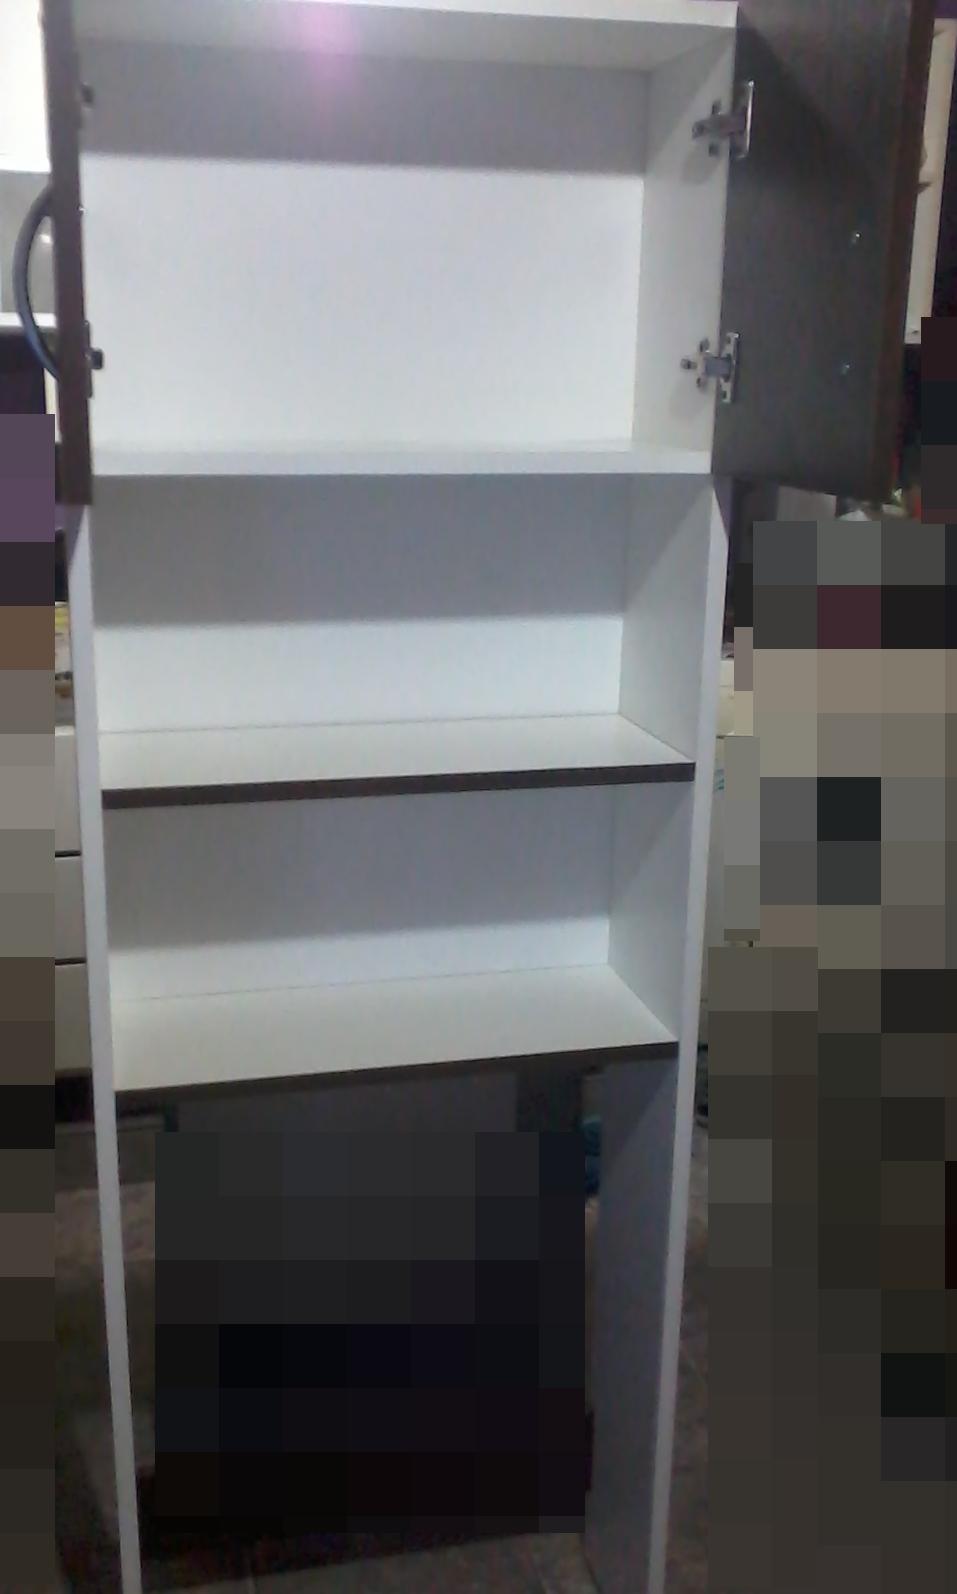 Muebles lukival mueble sobreinodoro con puertas y - Muebles con estantes ...